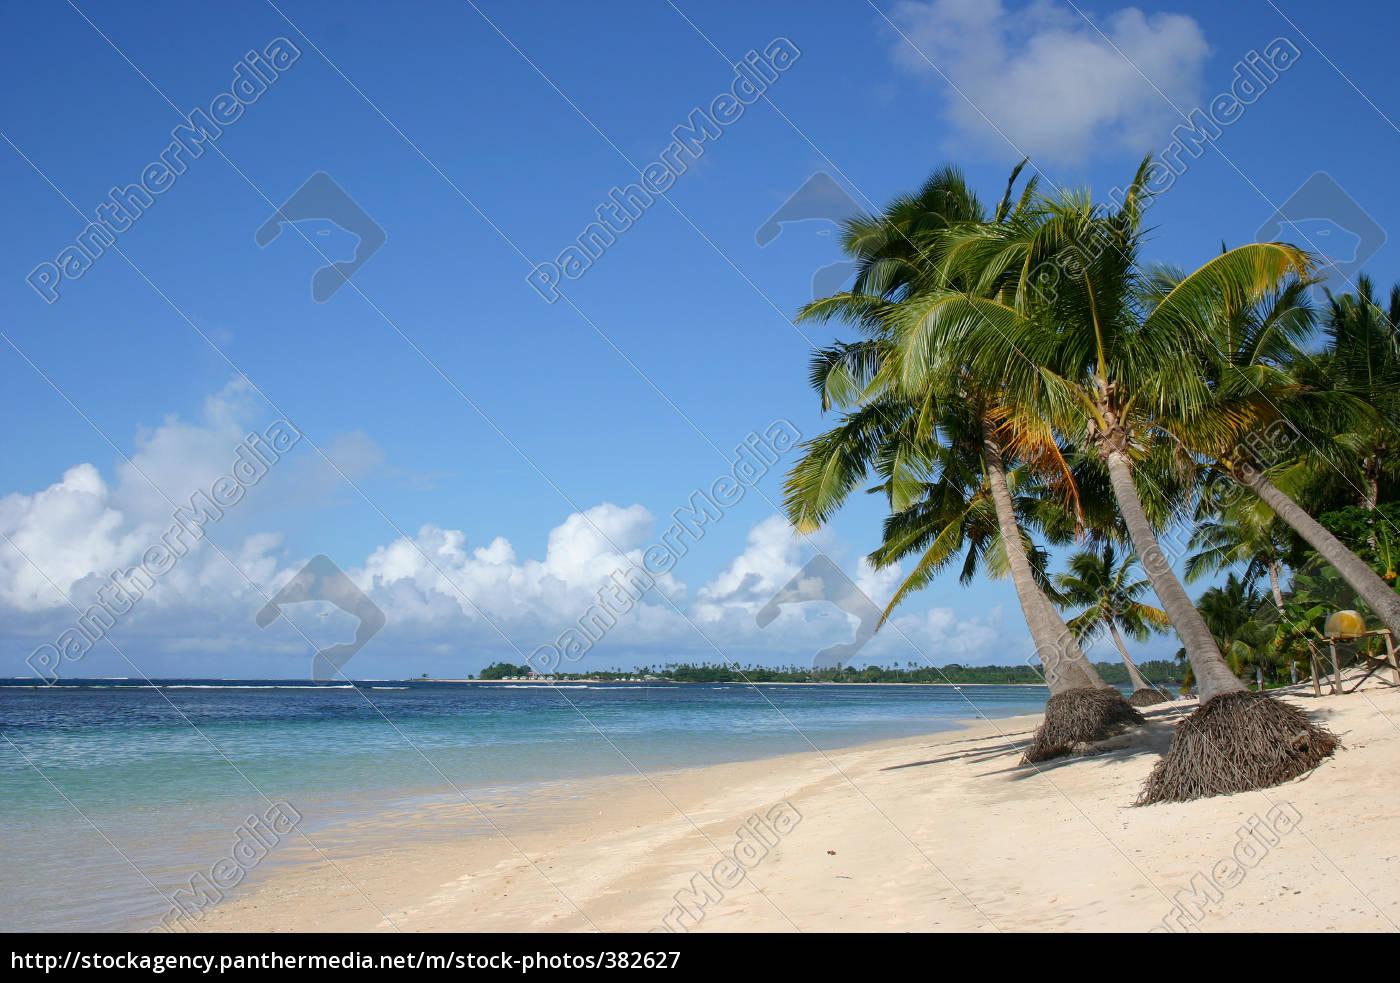 dream, beach - 382627